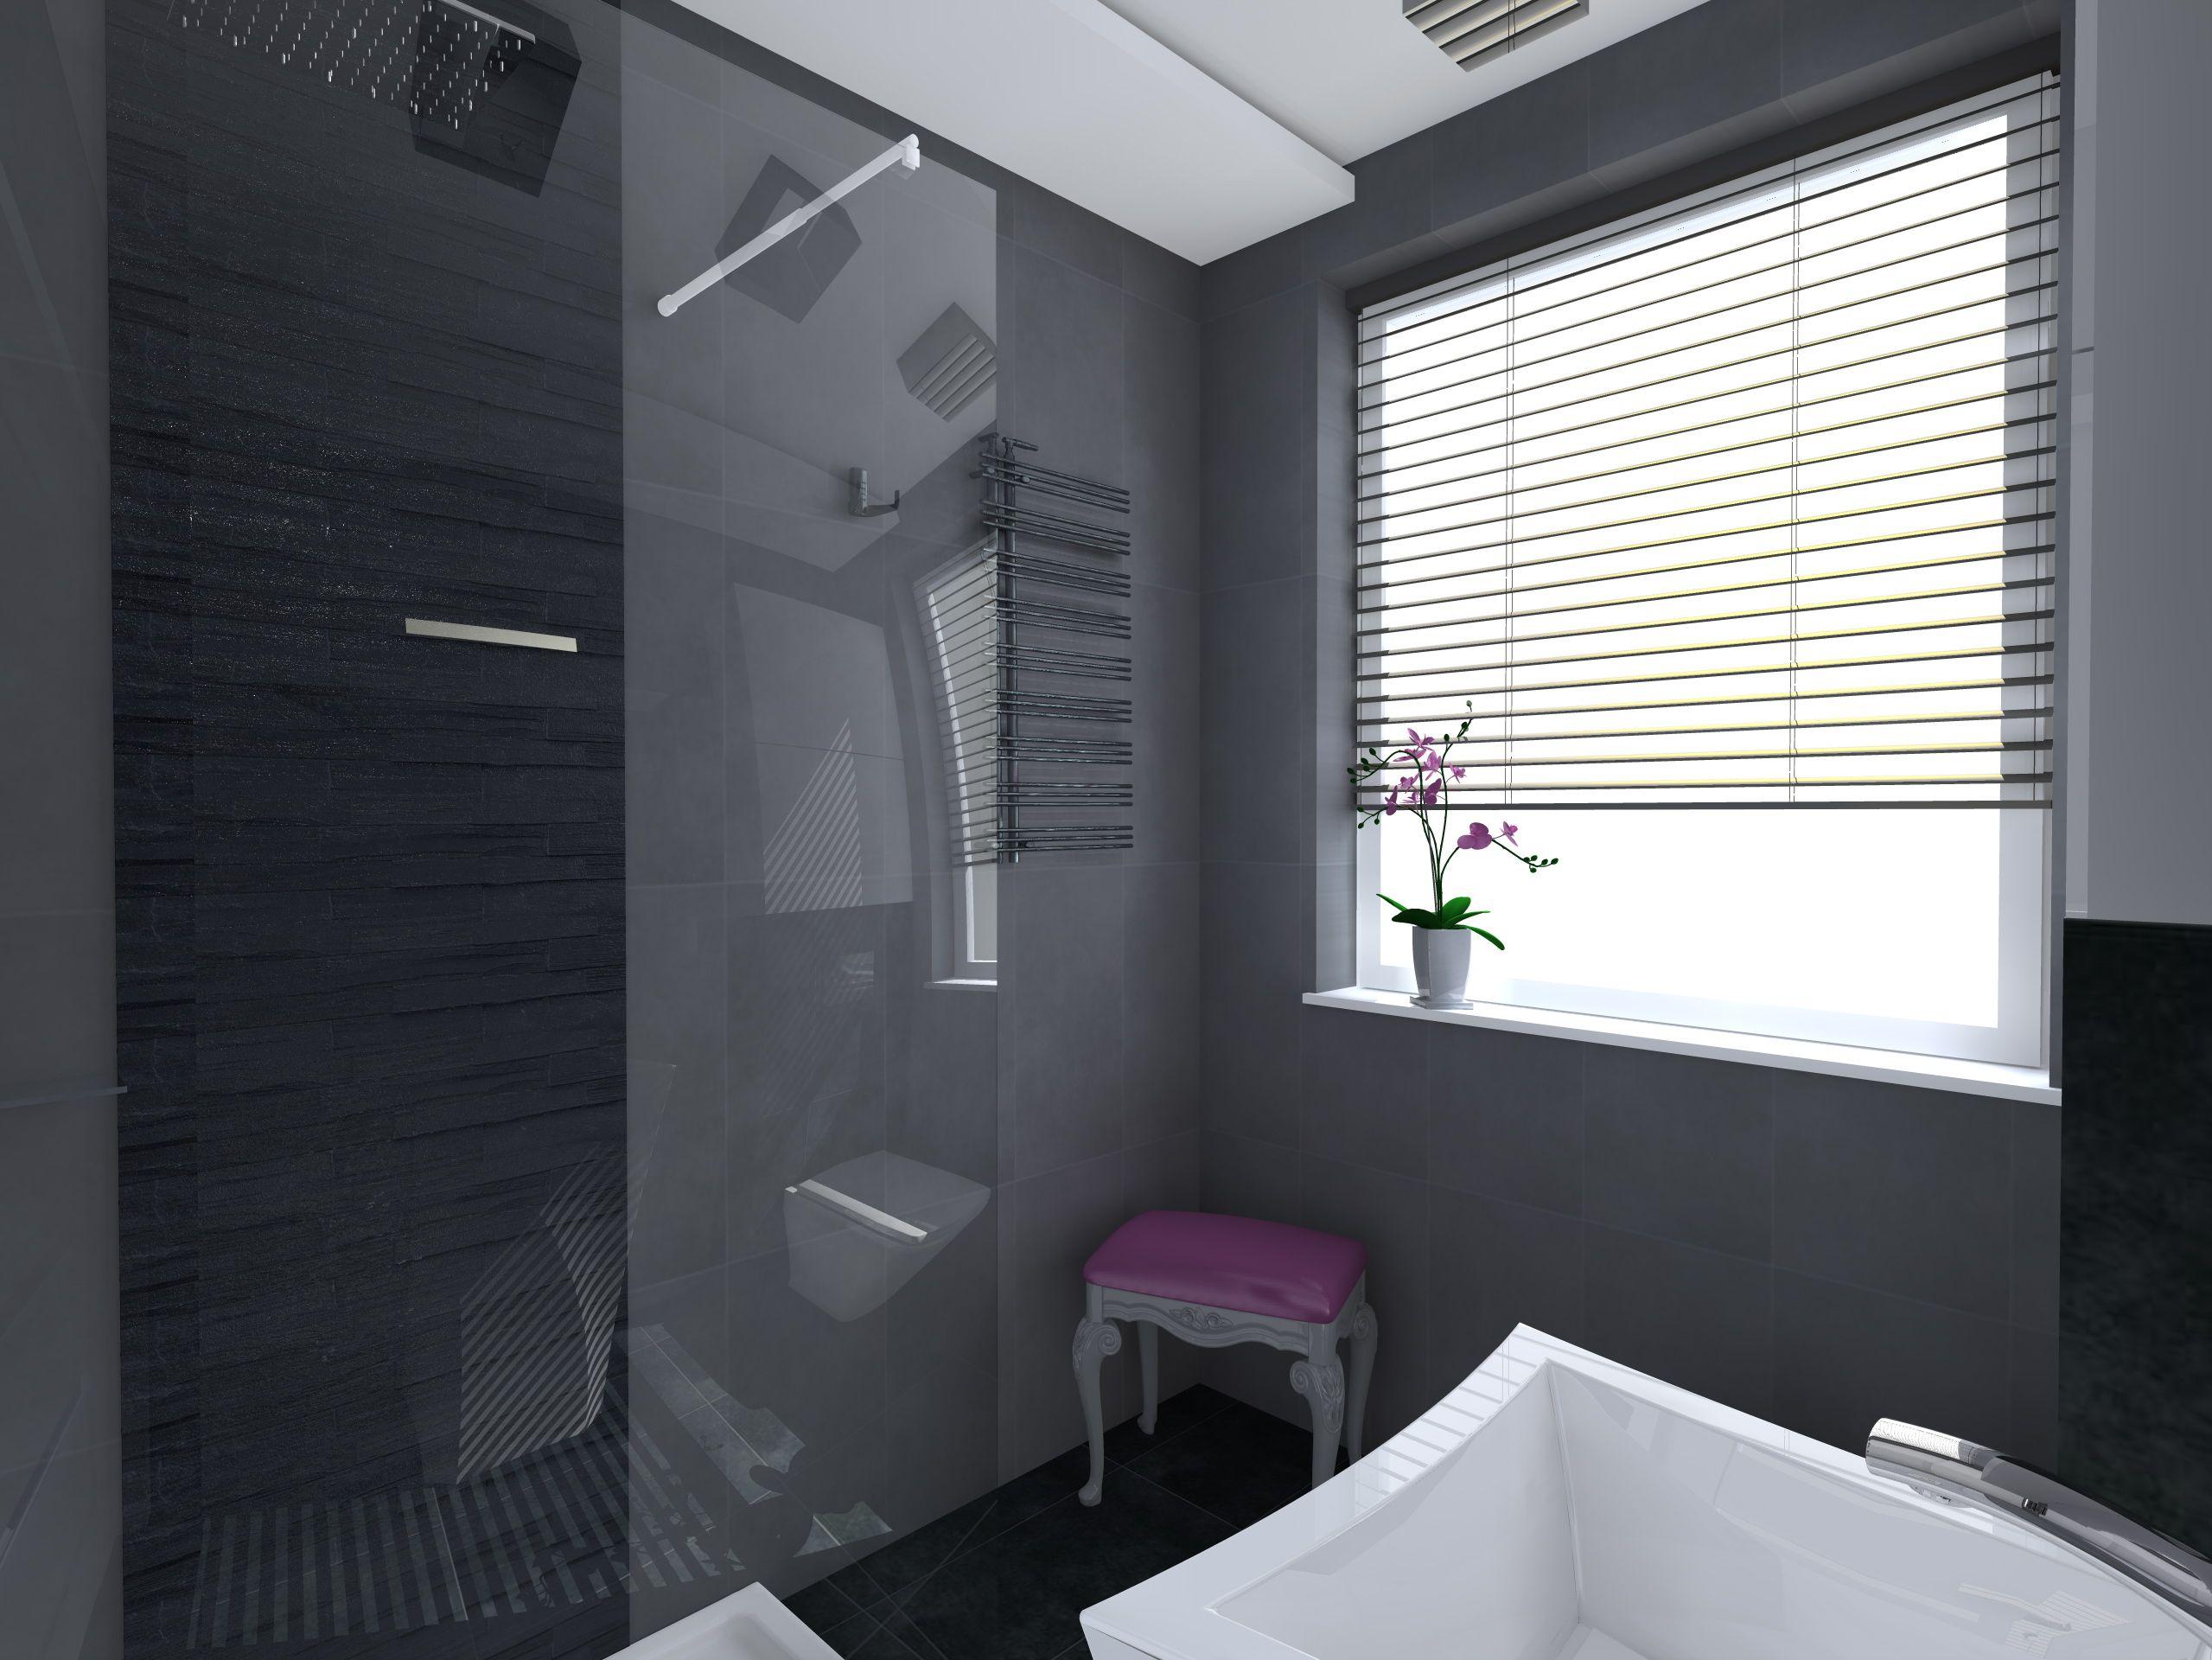 Projekt I Aranżacja Małej łazienki W Stylu Glamour Ciemne